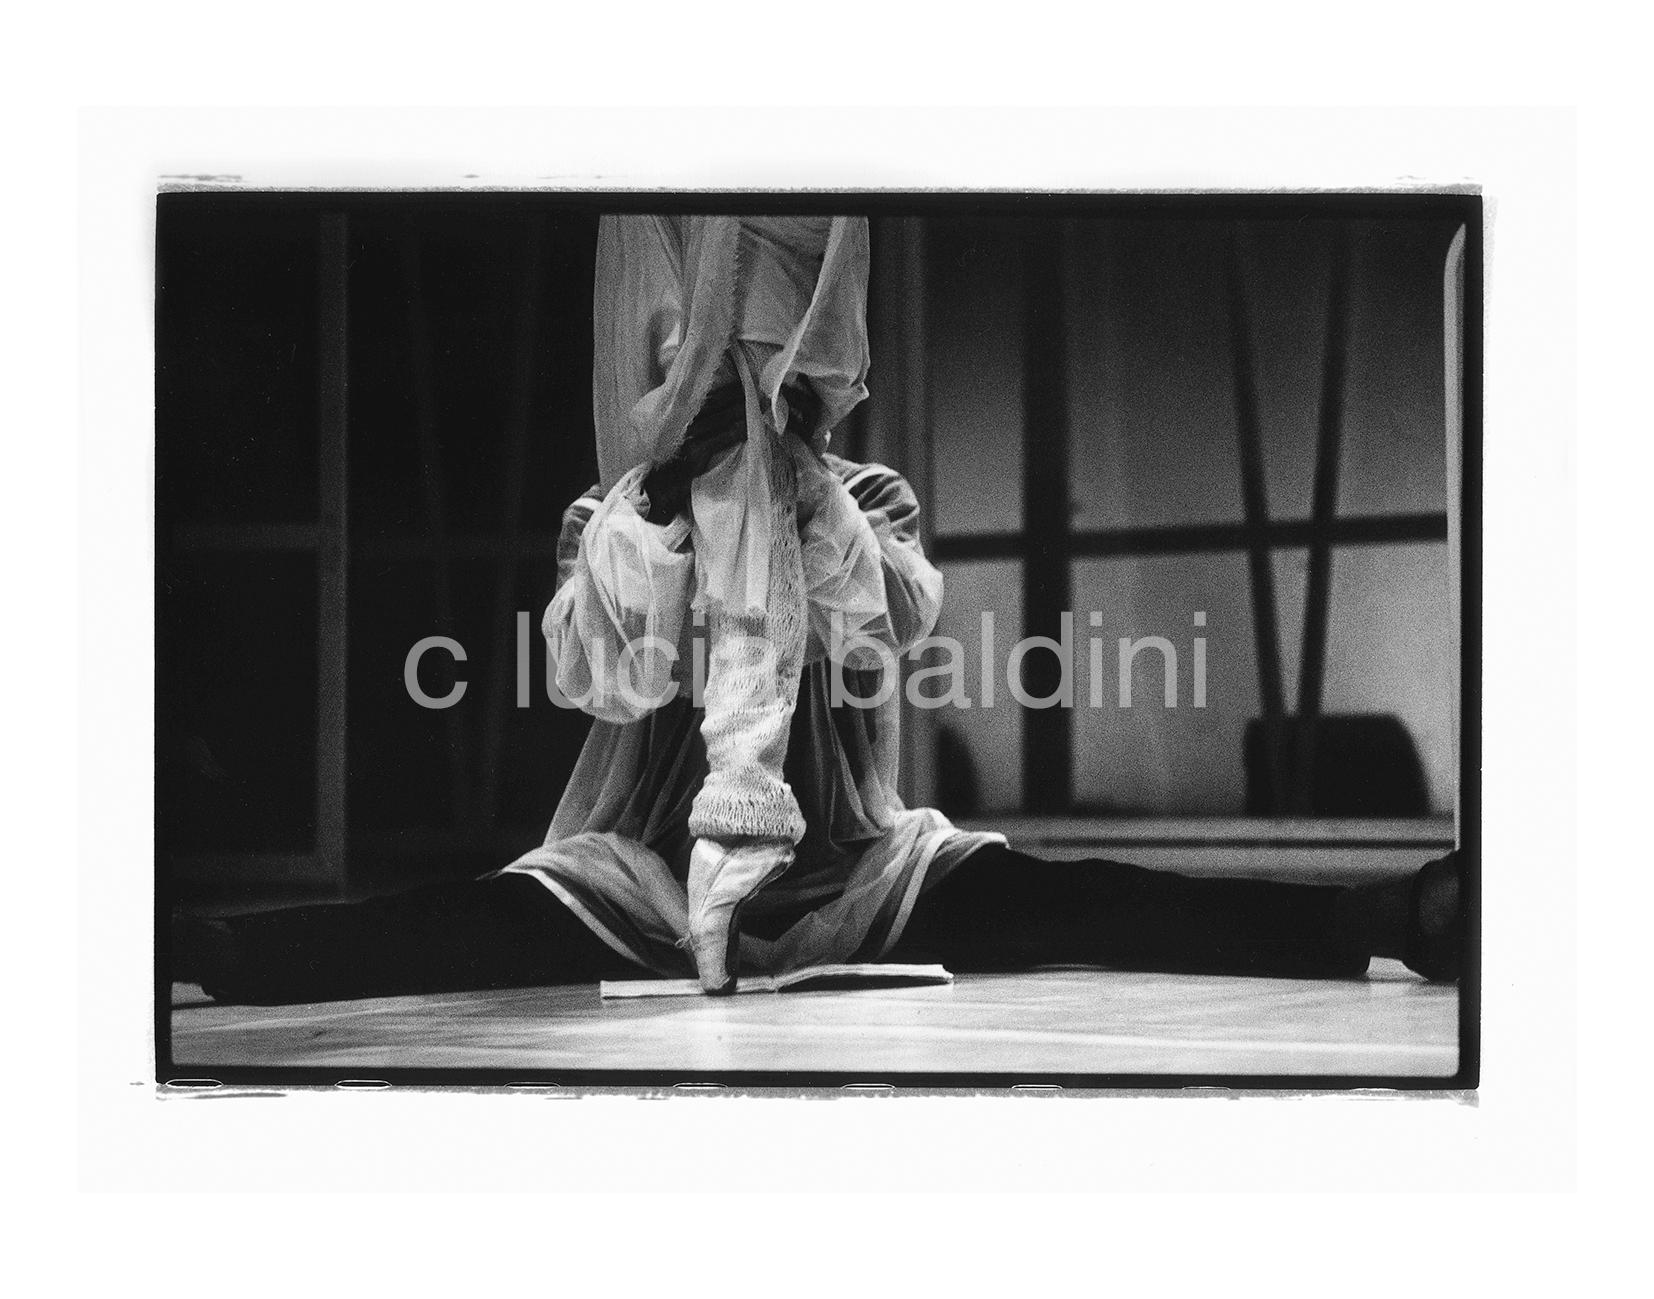 010 Fracci foto lucia baldini -min